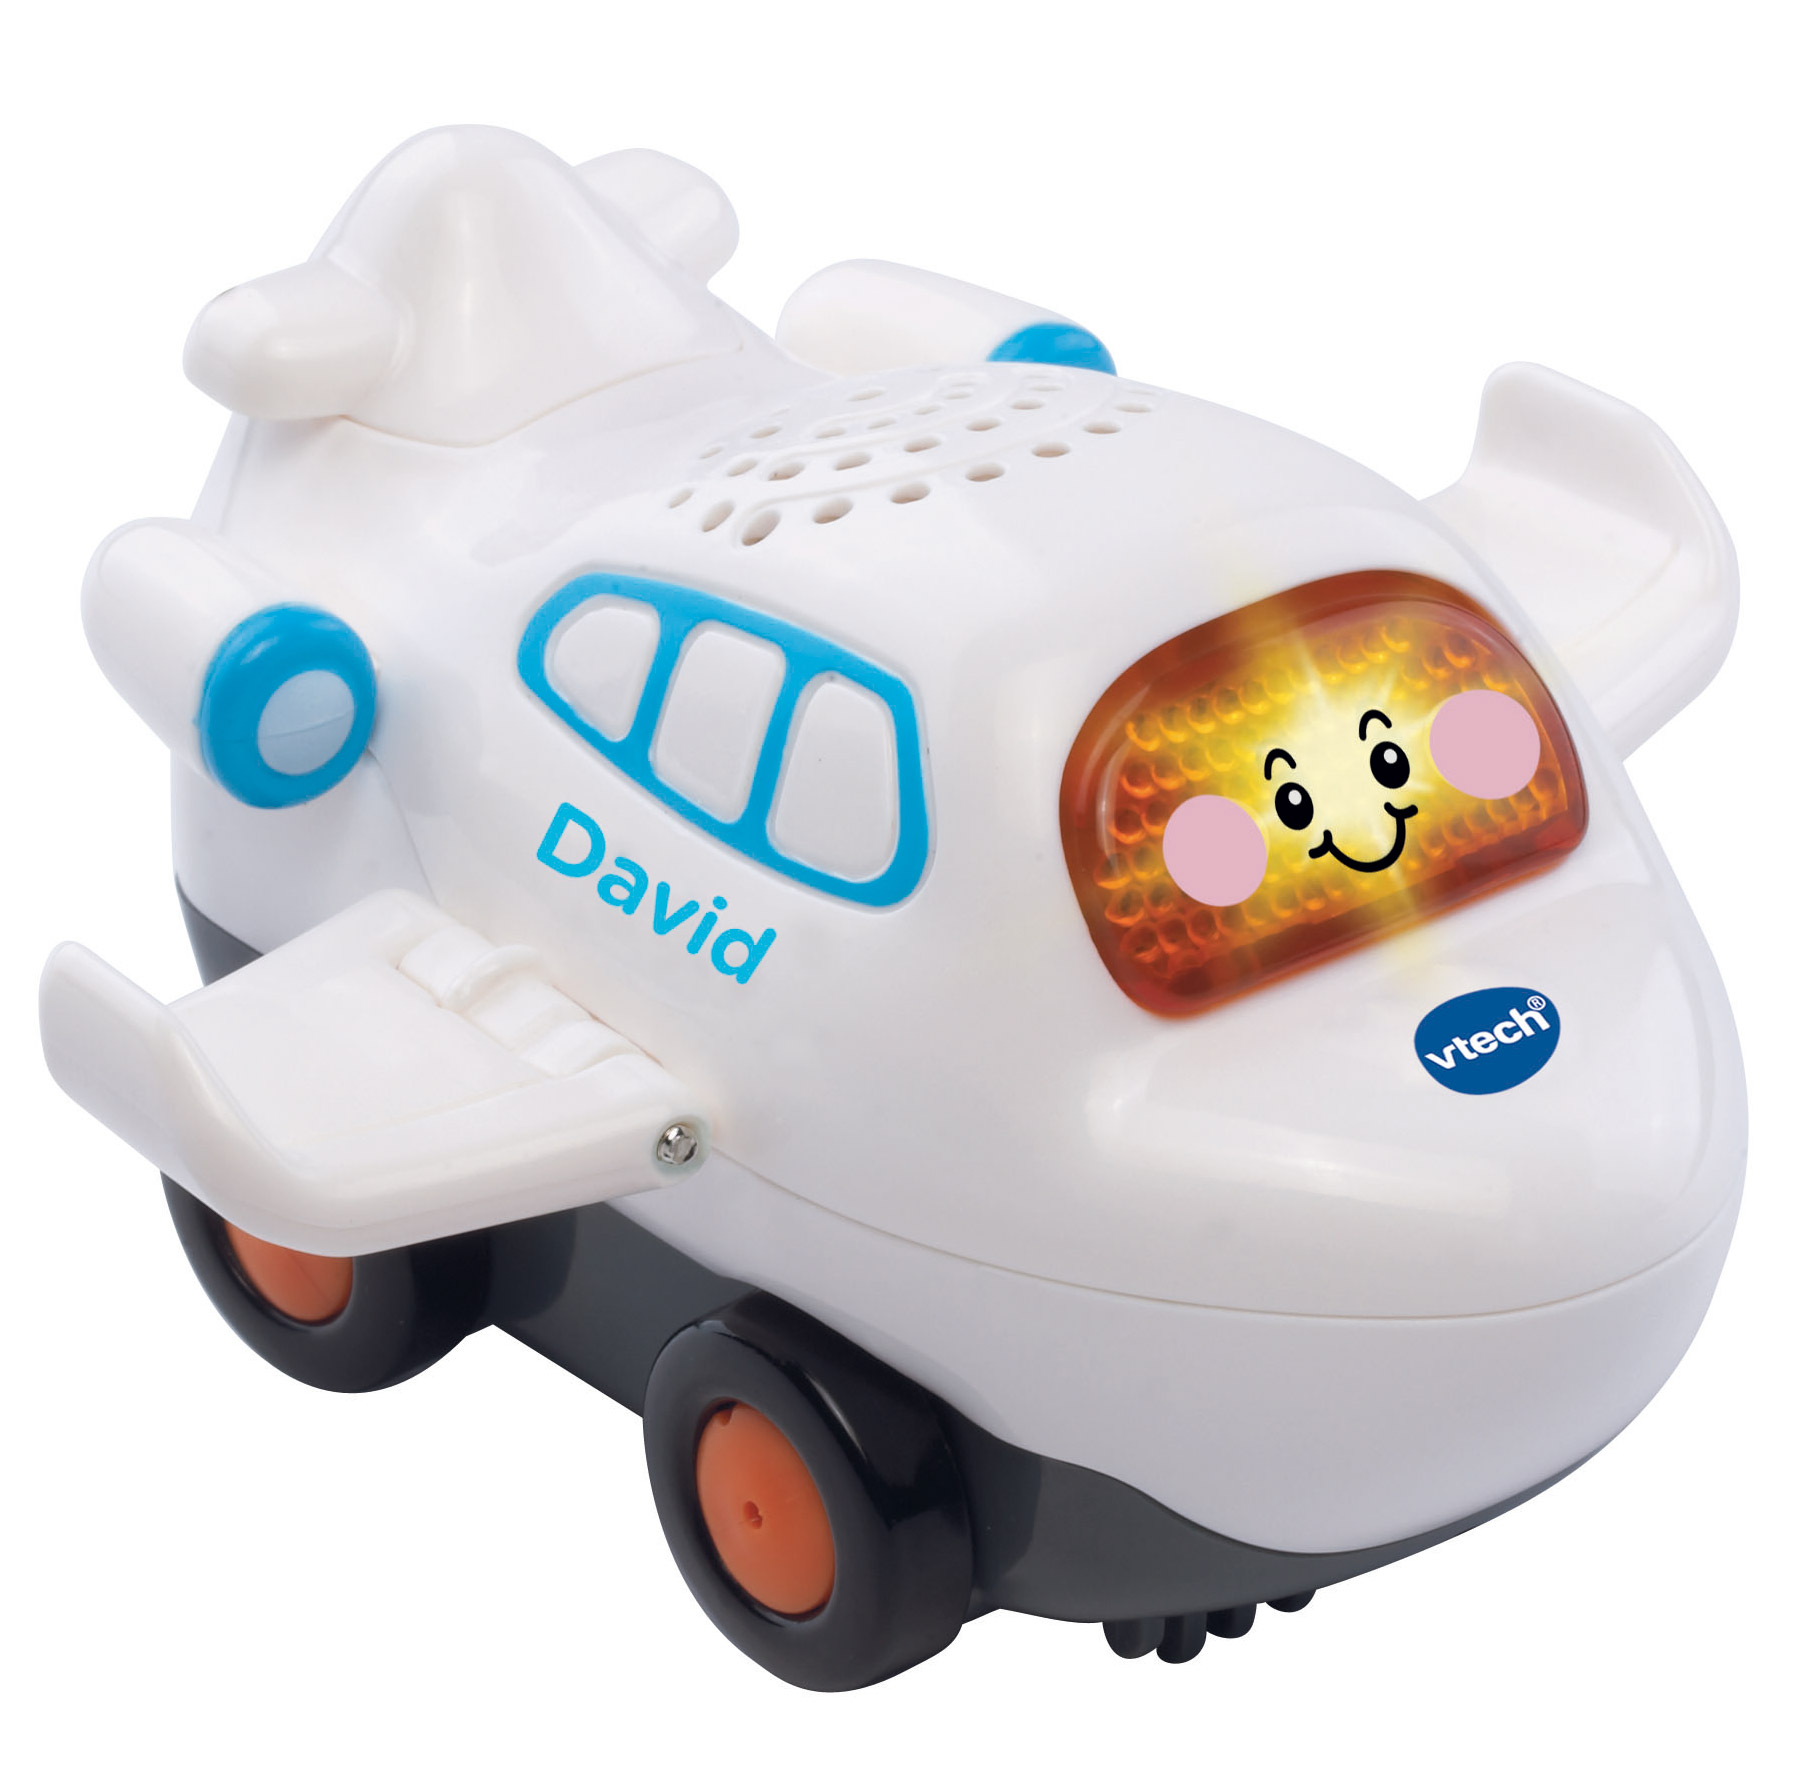 Avionul David Tit-Tit ...